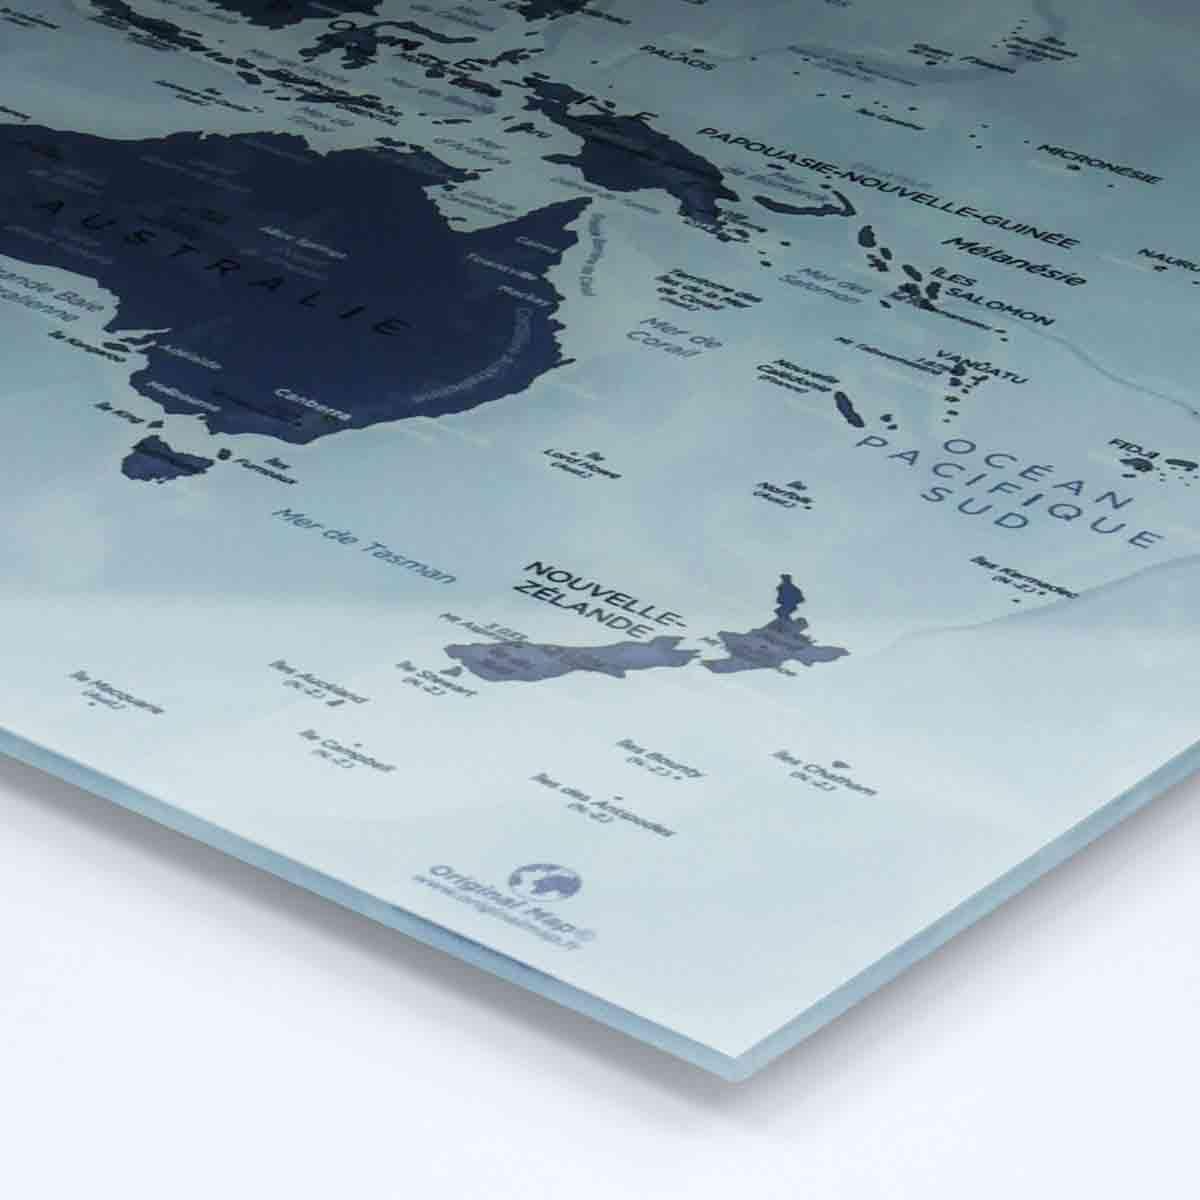 Pastille adhésive - Mappemonde - Original Map